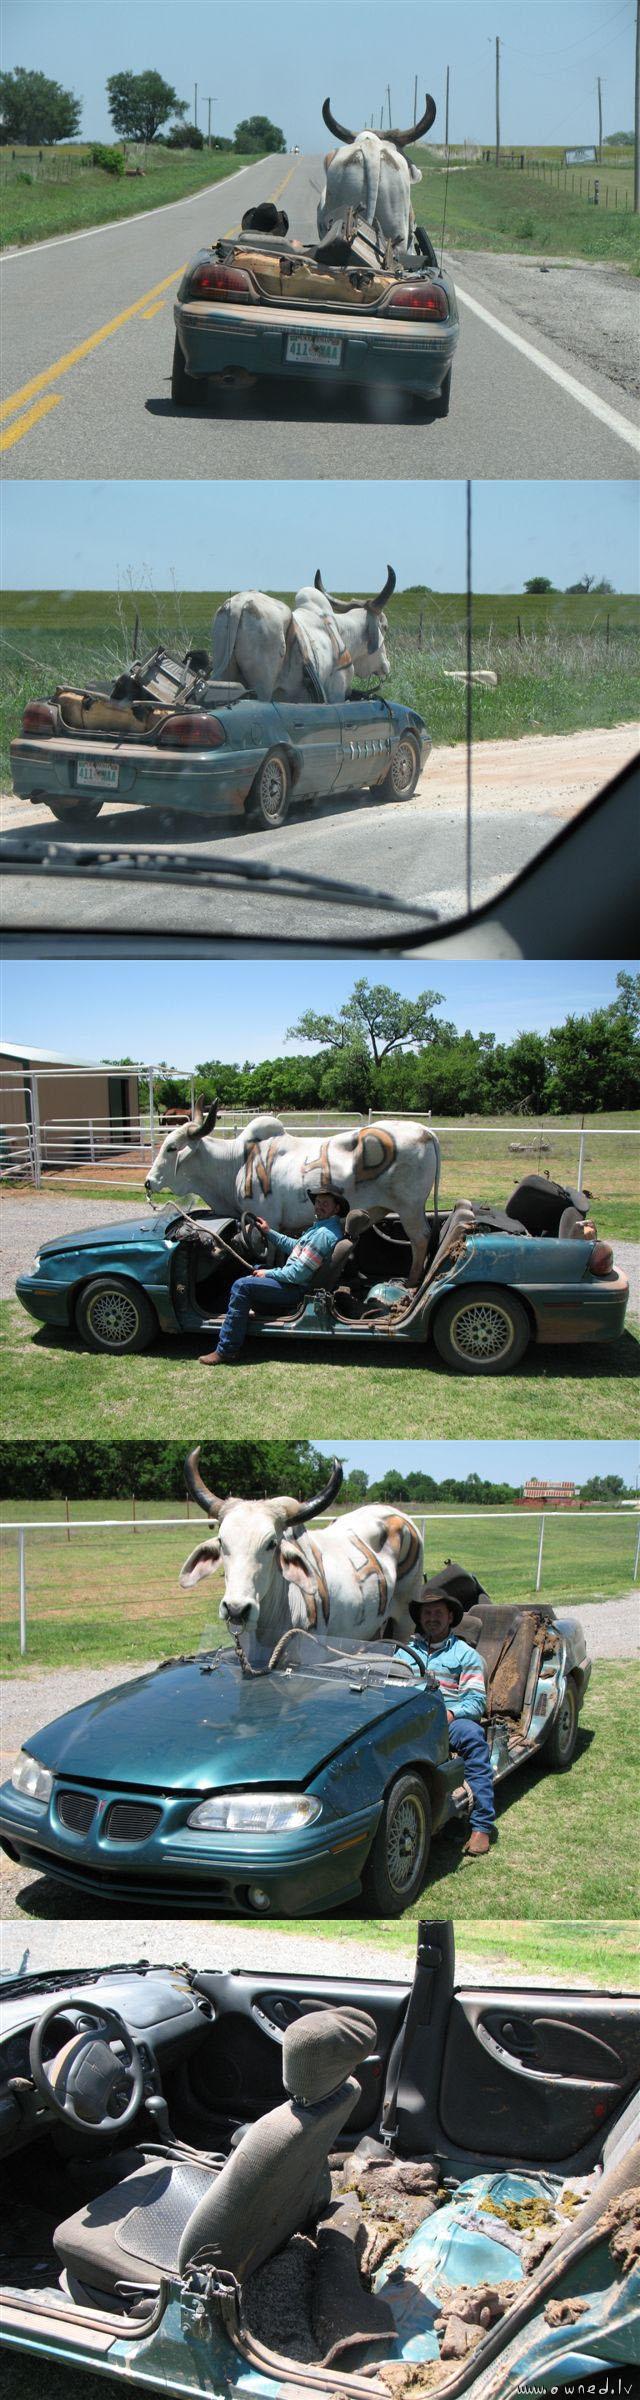 Redneck ride